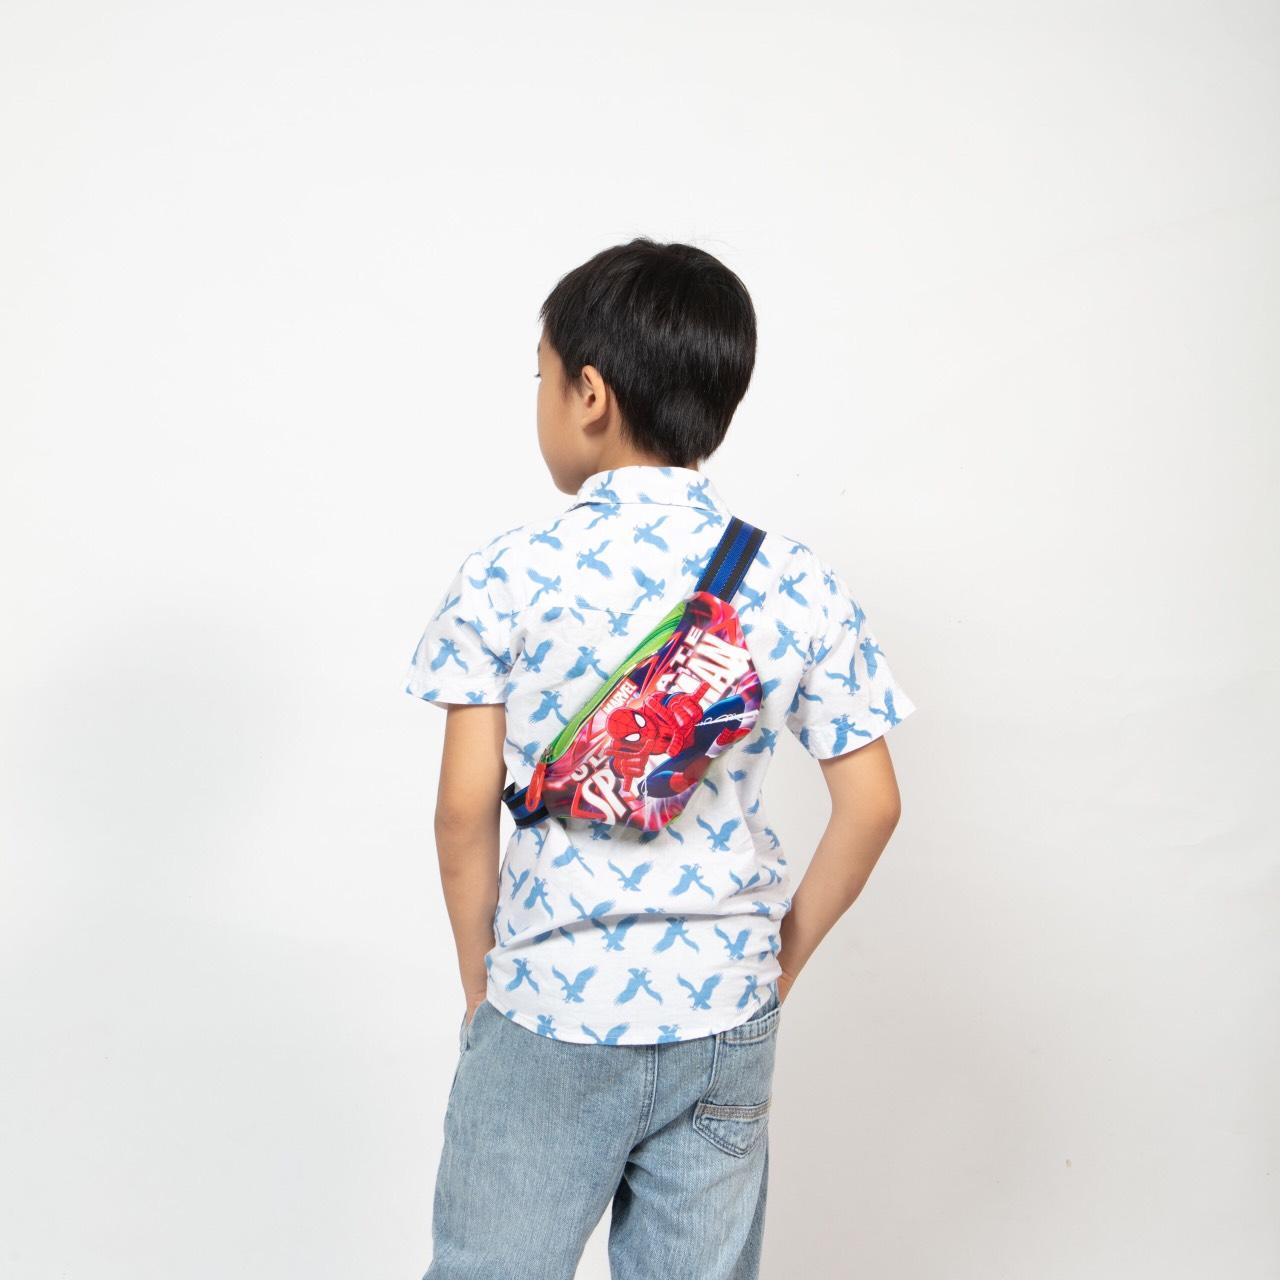 Đeo chéo đeo vai cho bé Hình Nơ hello ngây ngô đa sắc DF34 Shalla ( Chuyên đeo chéo giá rẻ )